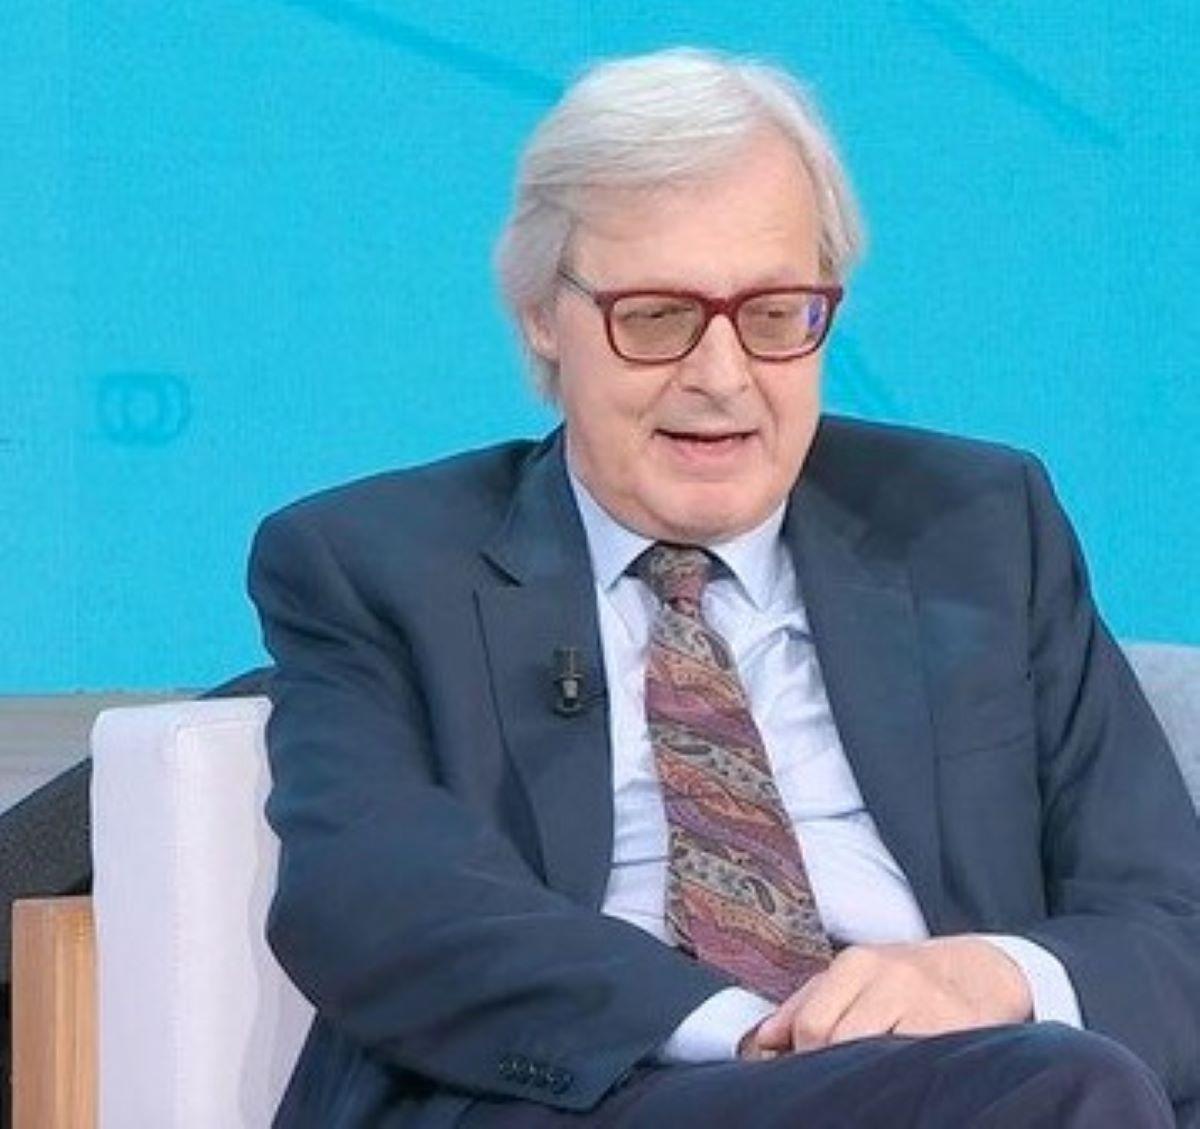 Vittorio Sgarbi Commozione Dedicato Serena Autieri Malattia Genitori